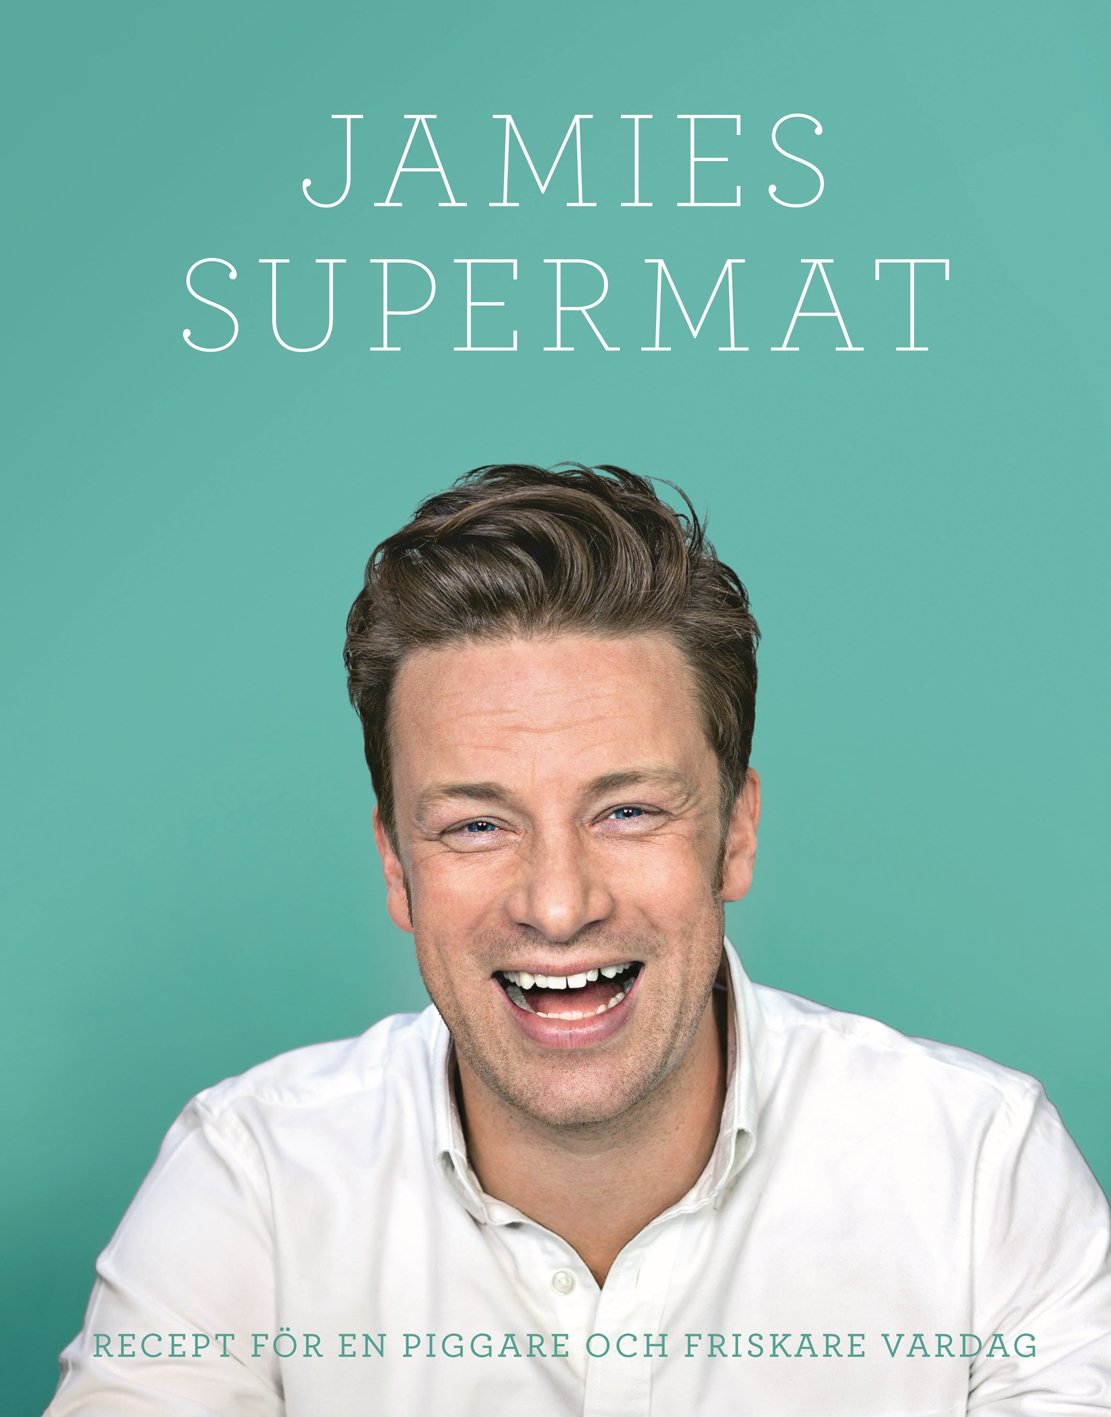 Jamies supermat, nyttigaste och mest personliga kokboken hittills.